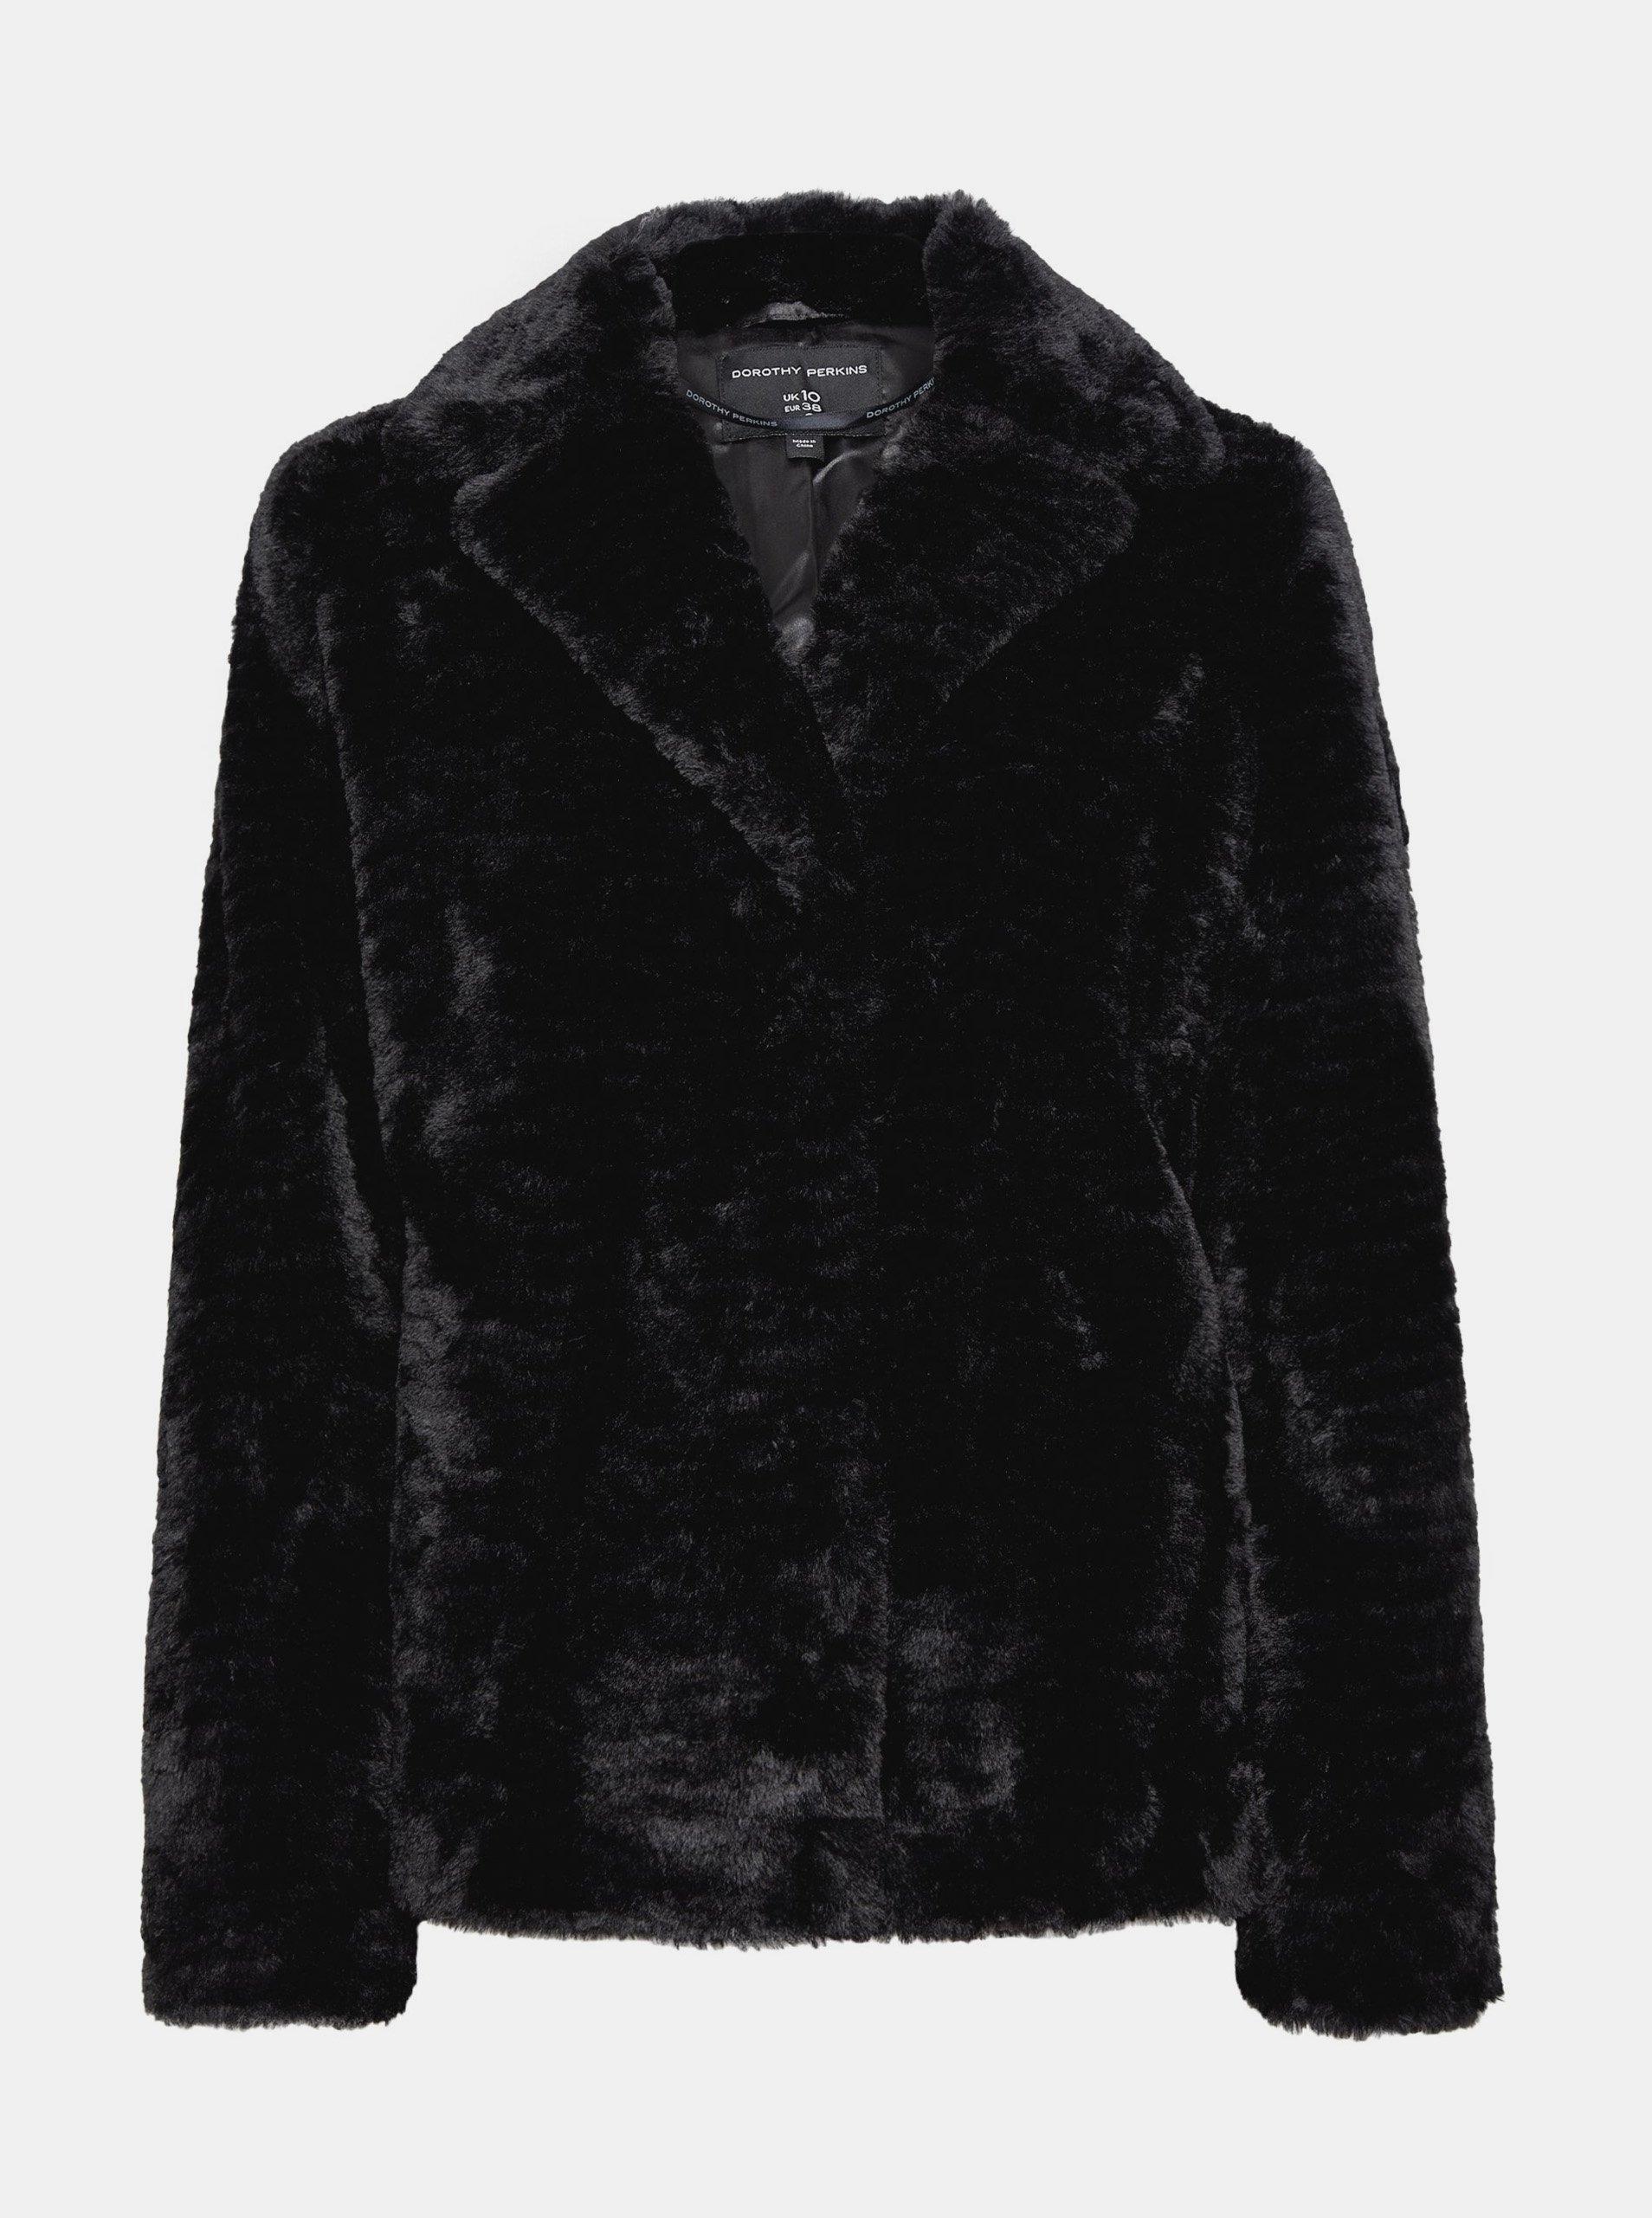 Čierny krátky kabát z umelého kožúšku Dorothy Perkins.